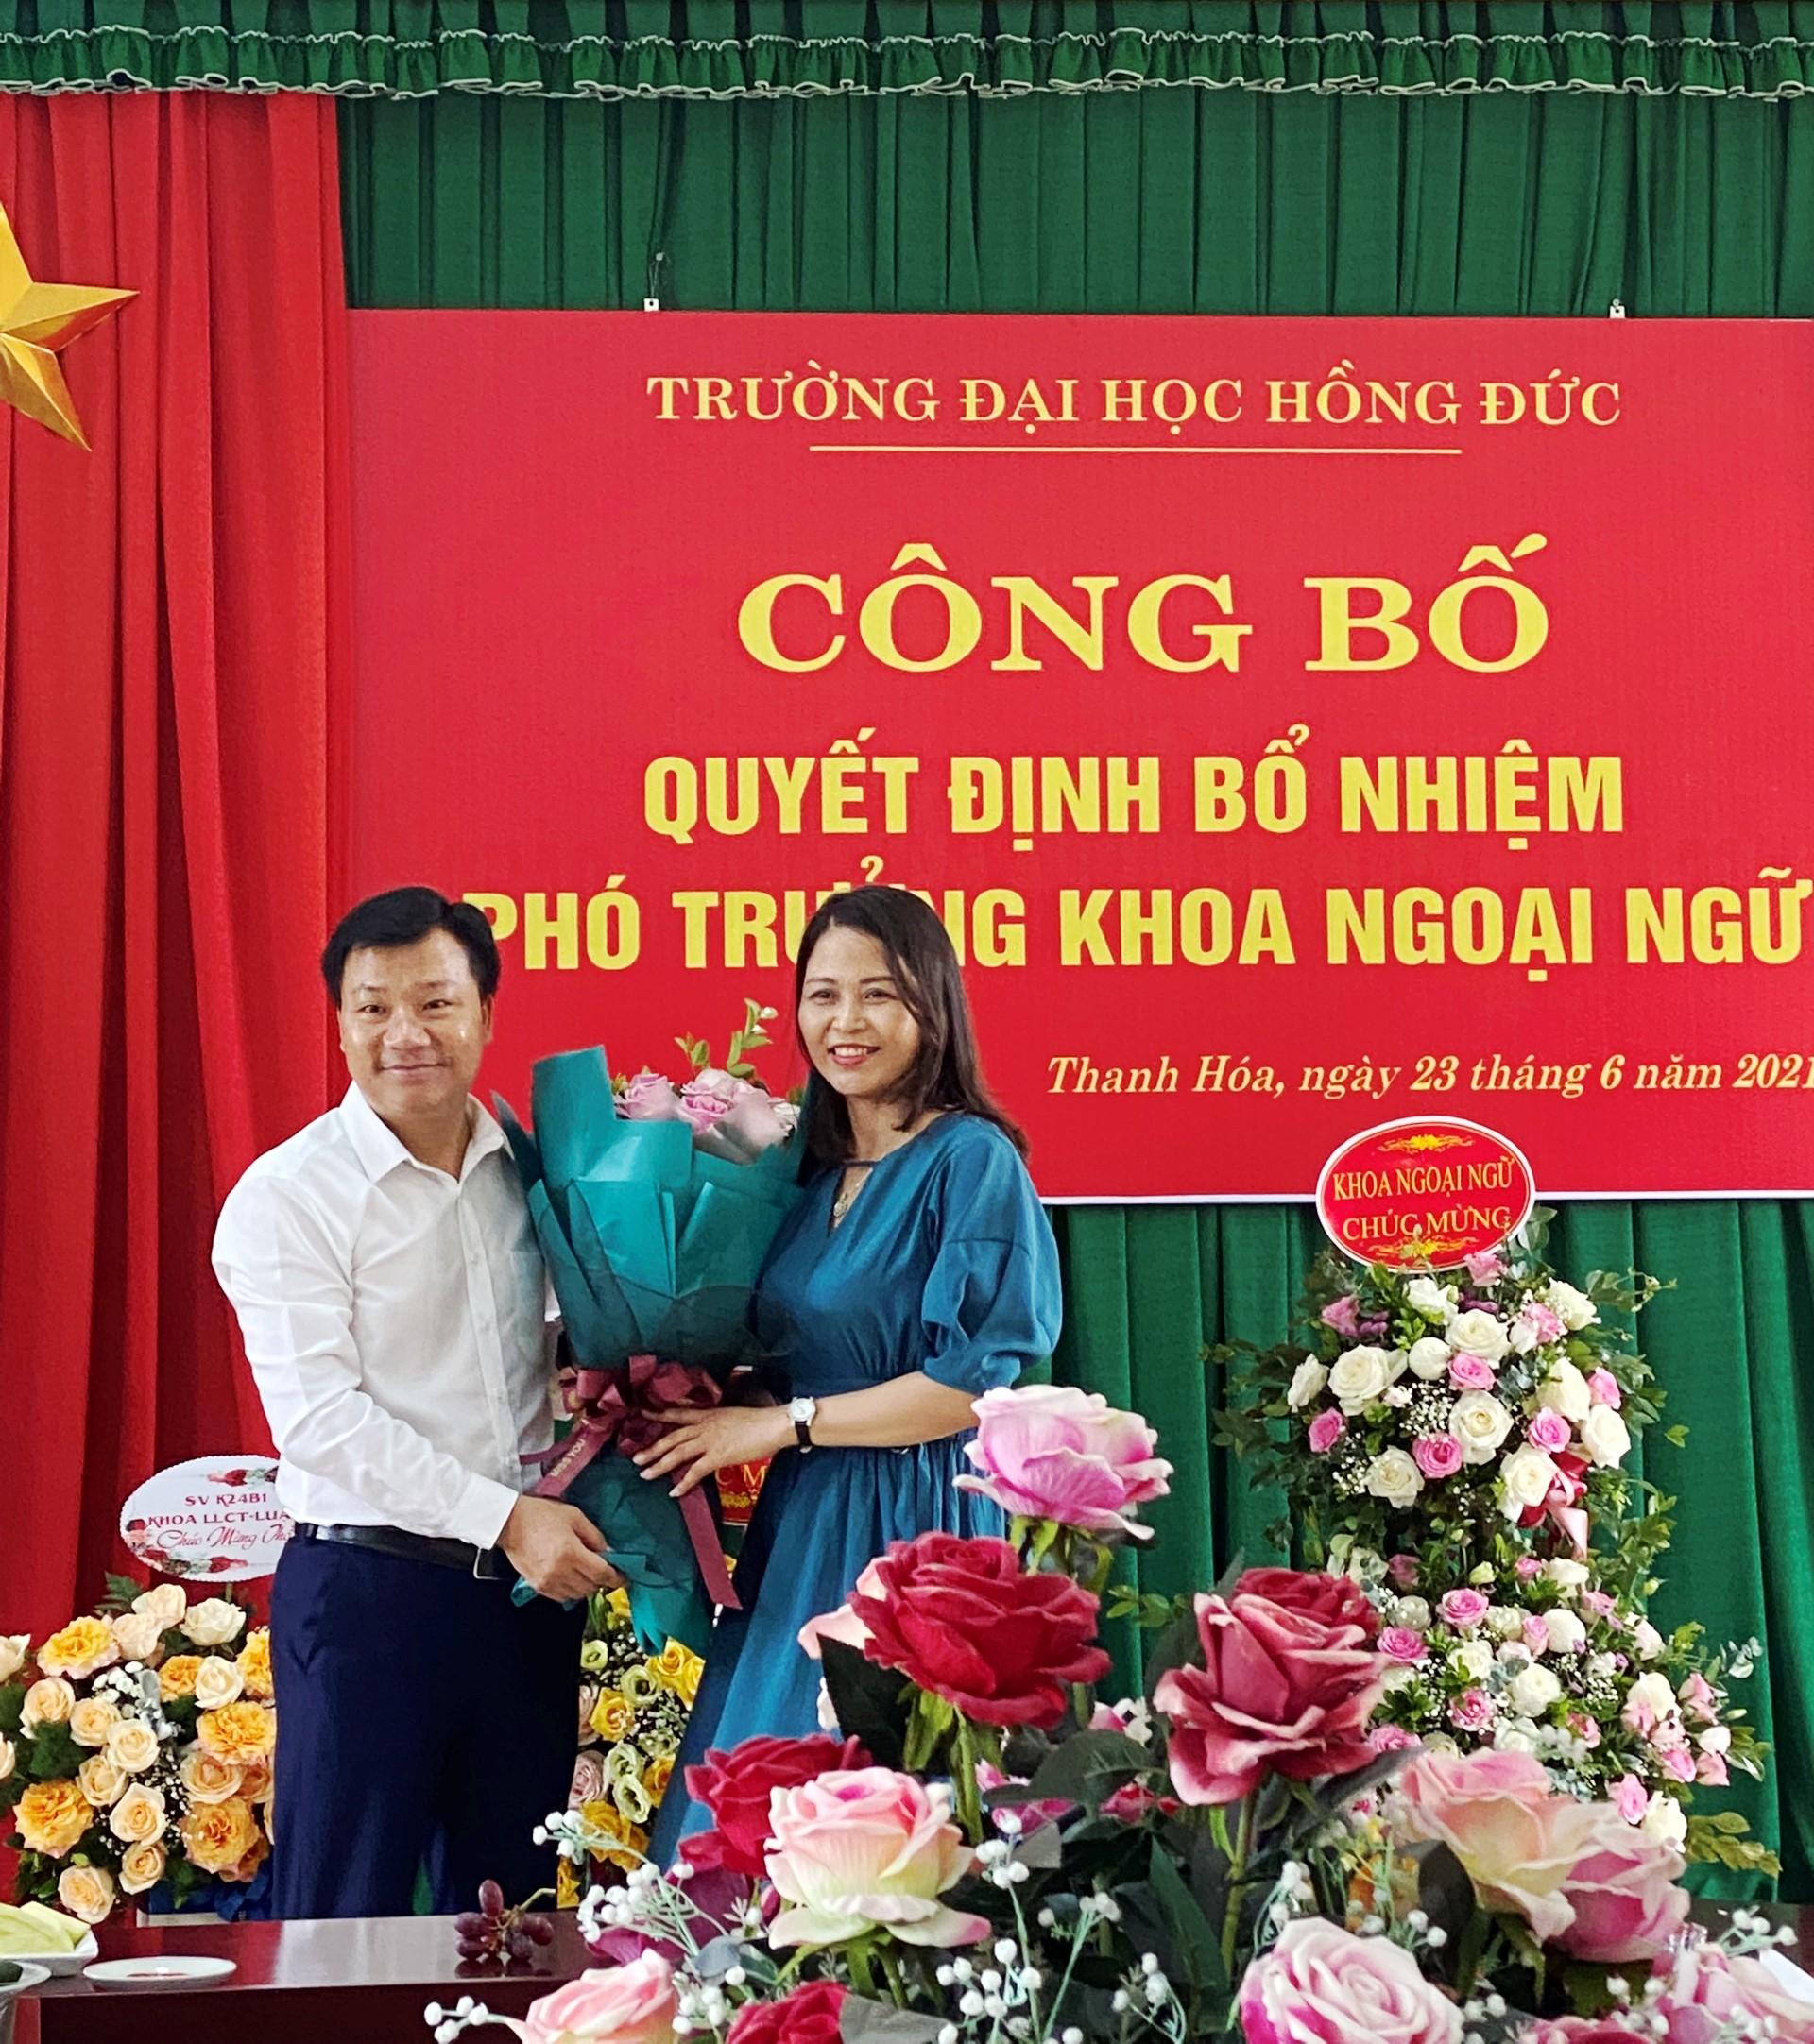 Media/2005_knn.hdu.edu.vn/FolderFunc/202106/Images/hoa-7-20210625124034-e.jpg